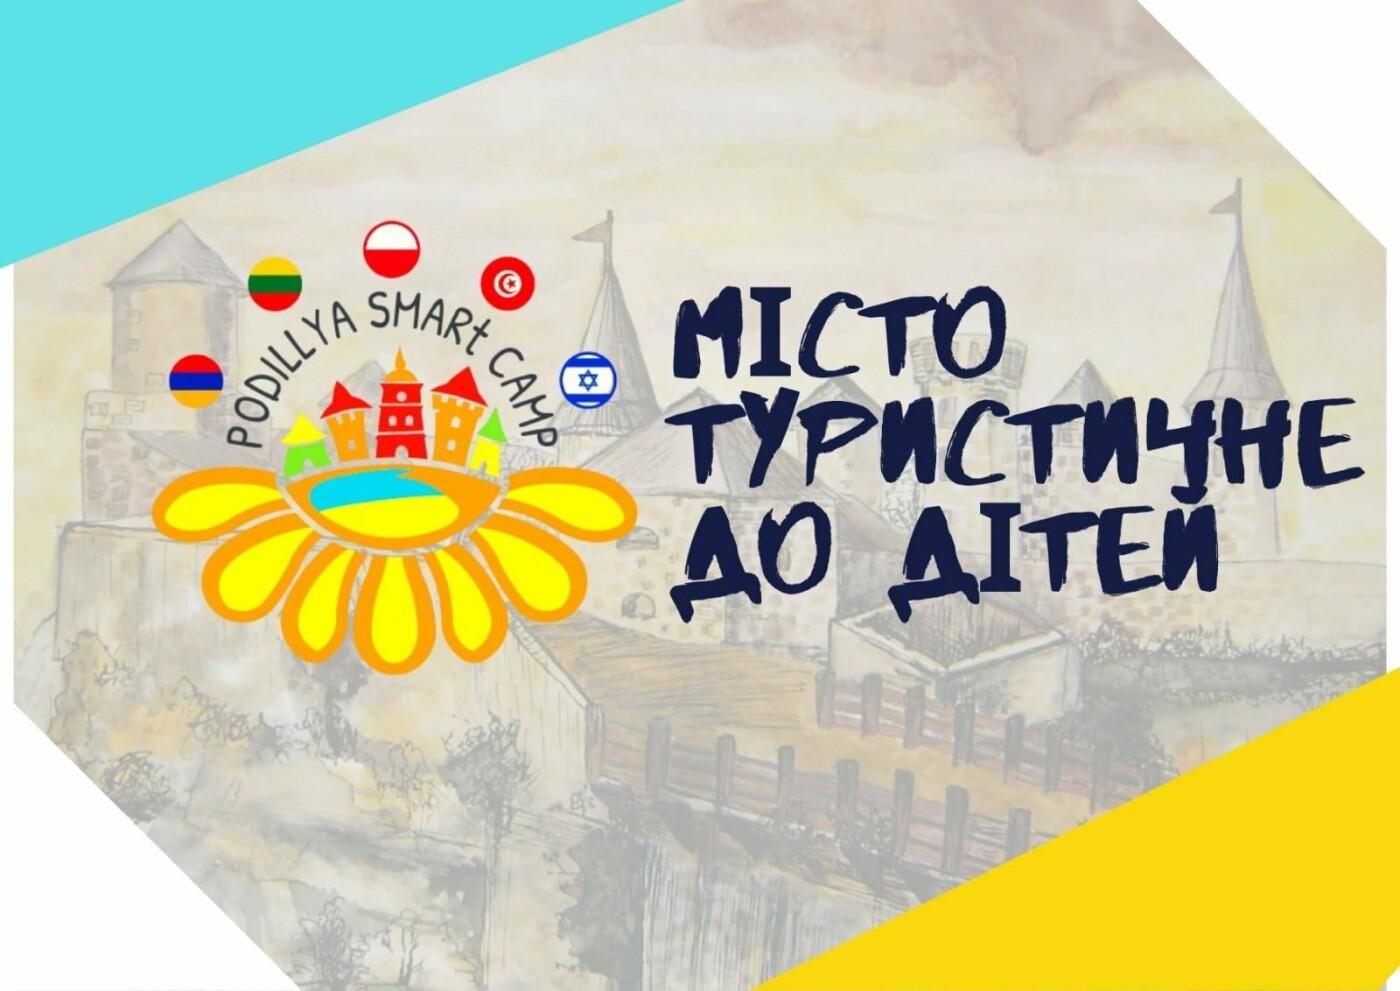 Кам'янець-Подільський може стати столицею дитячого туризму, фото-1